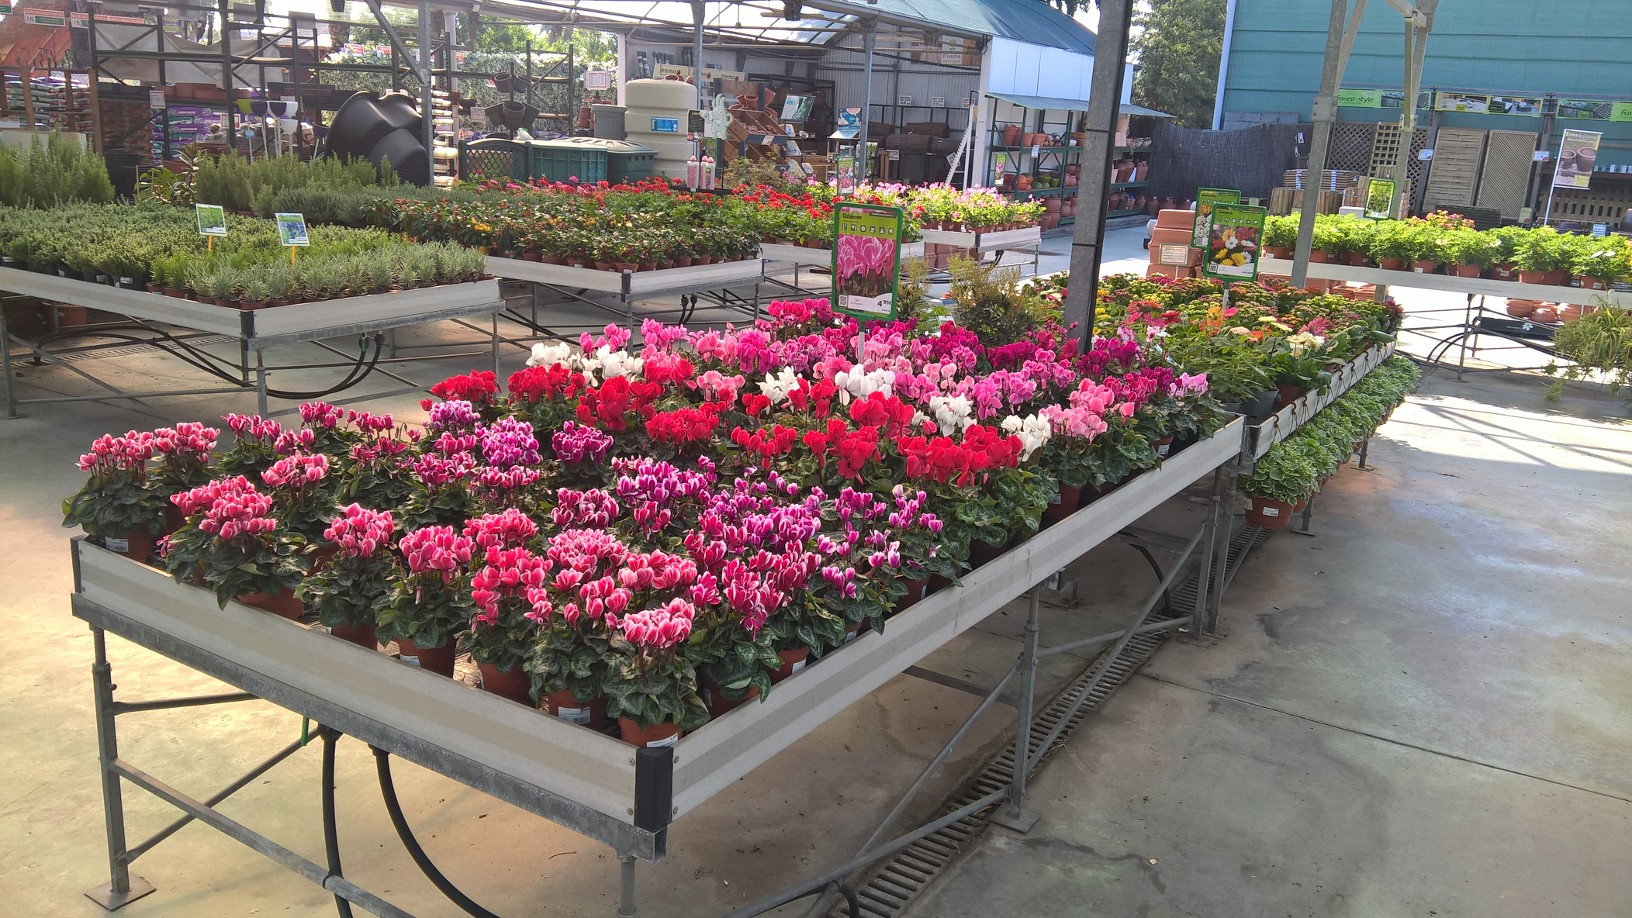 Empieza la temporada de plantación de las flores de otoño – invierno.